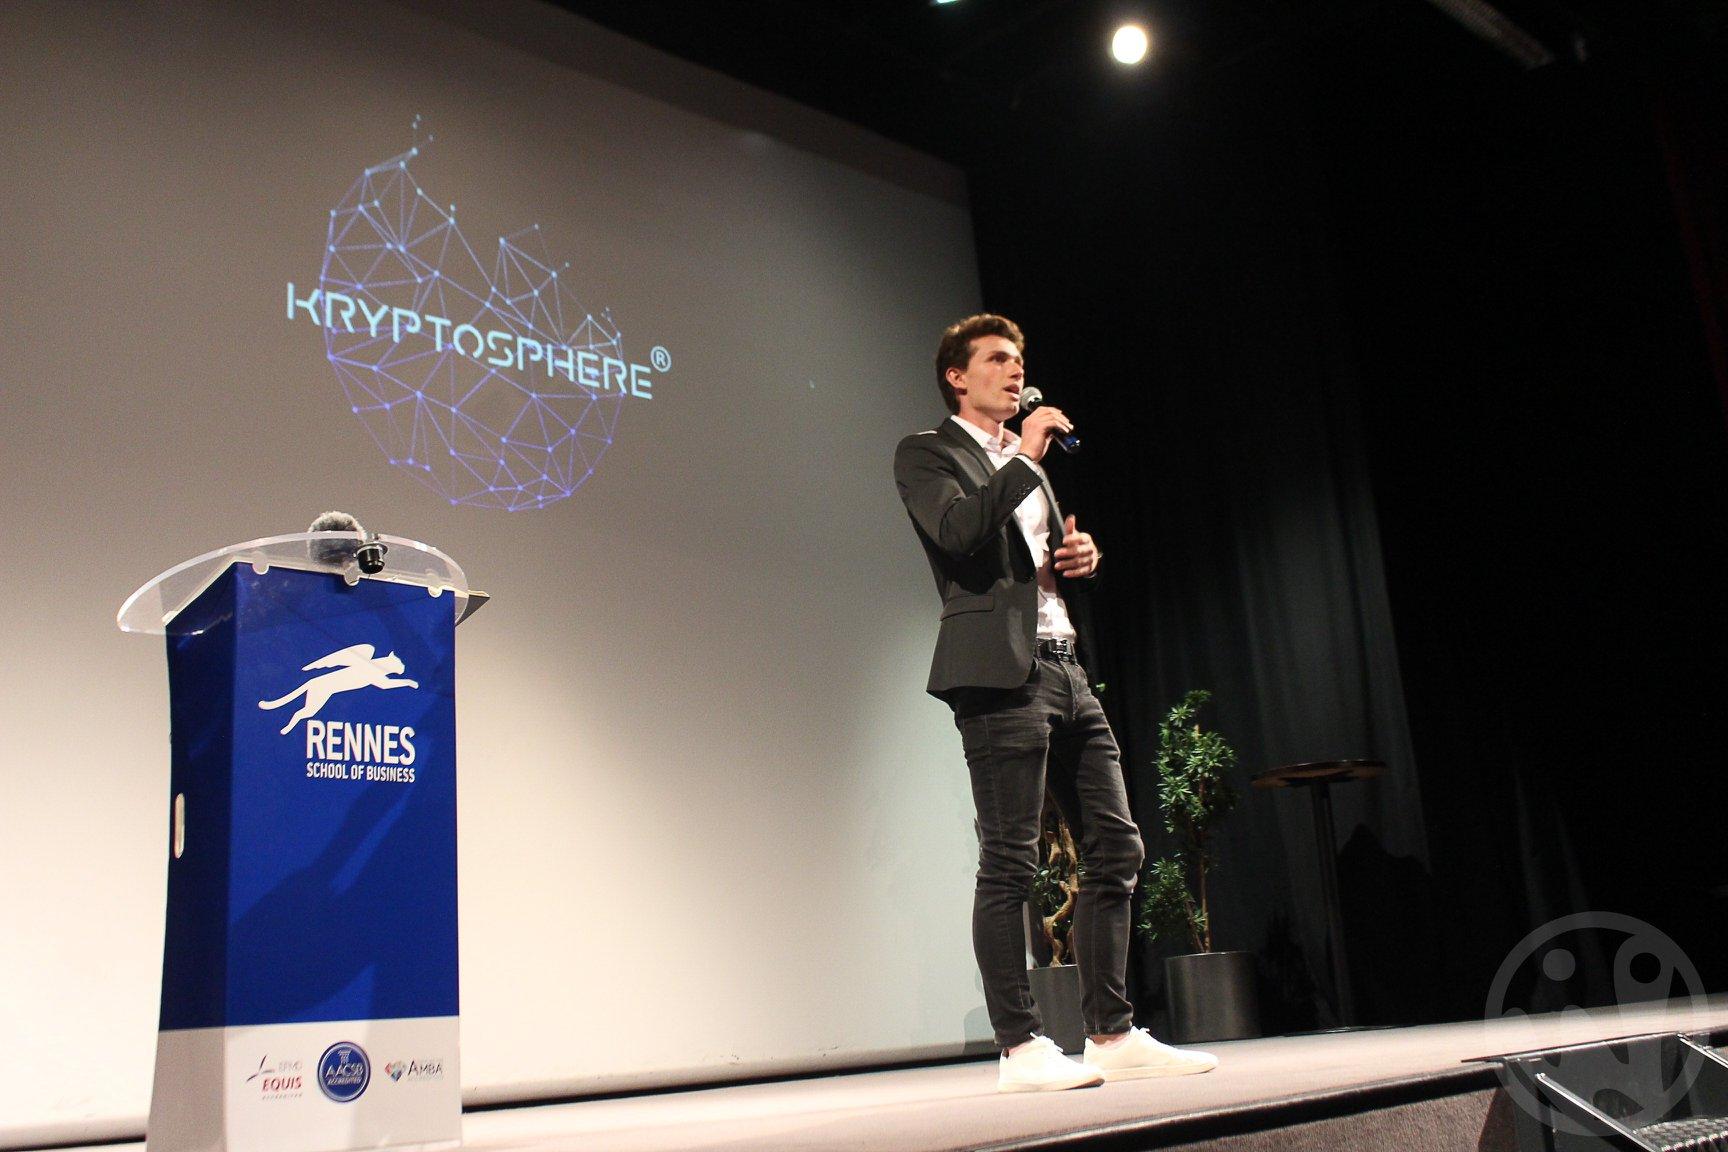 Succès pour la première conférence de KryptoSphere Rennes 0001